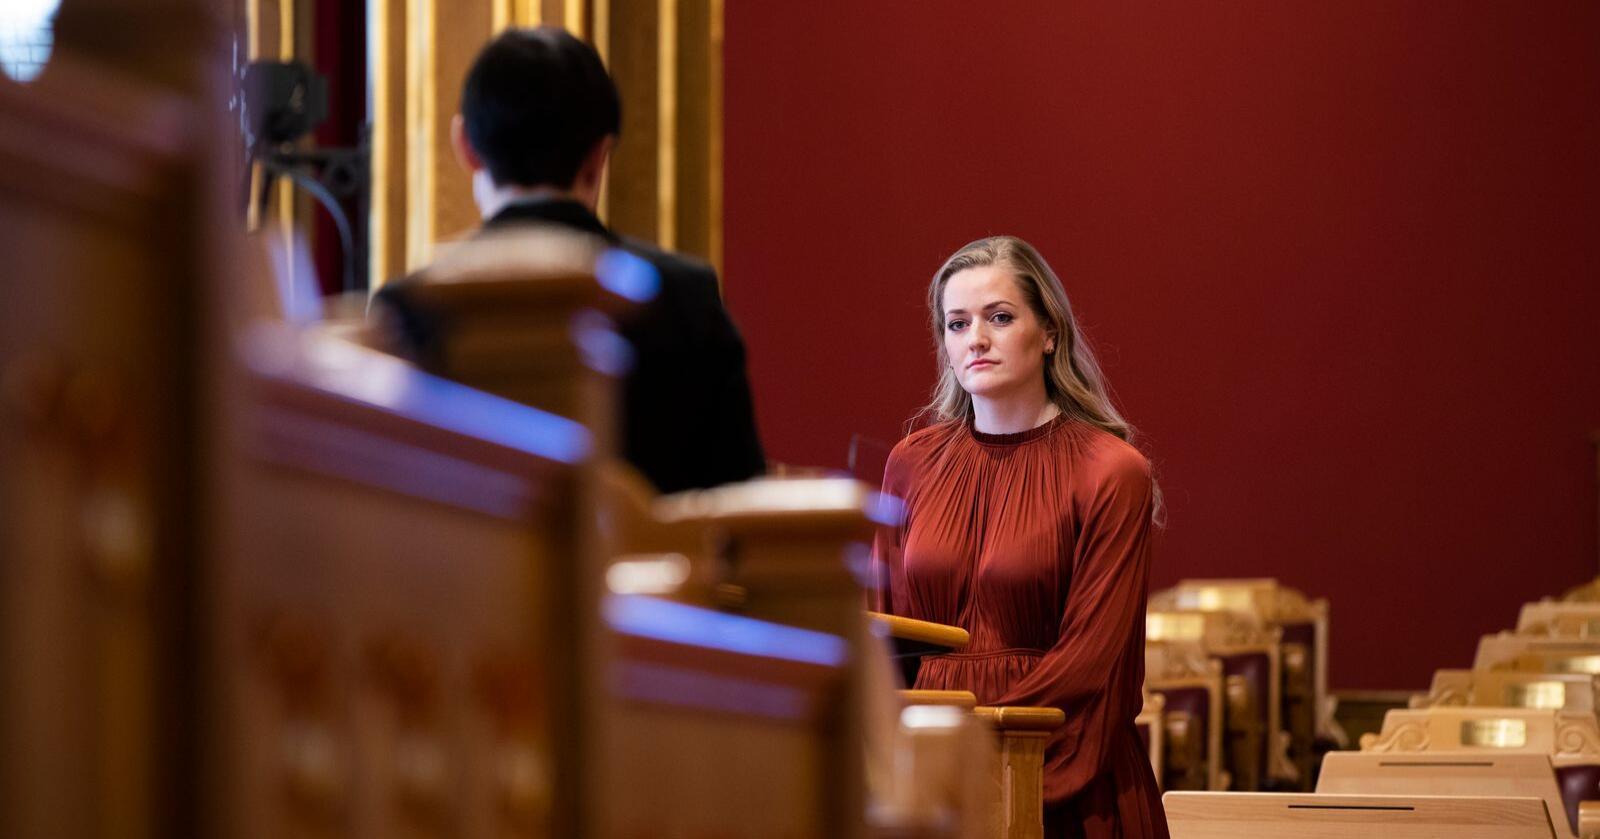 Utenlandske oppkjøp av norske ressurser og eiendommer kan utgjøre en trussel for nasjonal sikkerhet. Emilie Enger Mehl (Sp) frykter at Norge kan miste kontrollen for all fremtid. Foto: Berit Roald / NTB